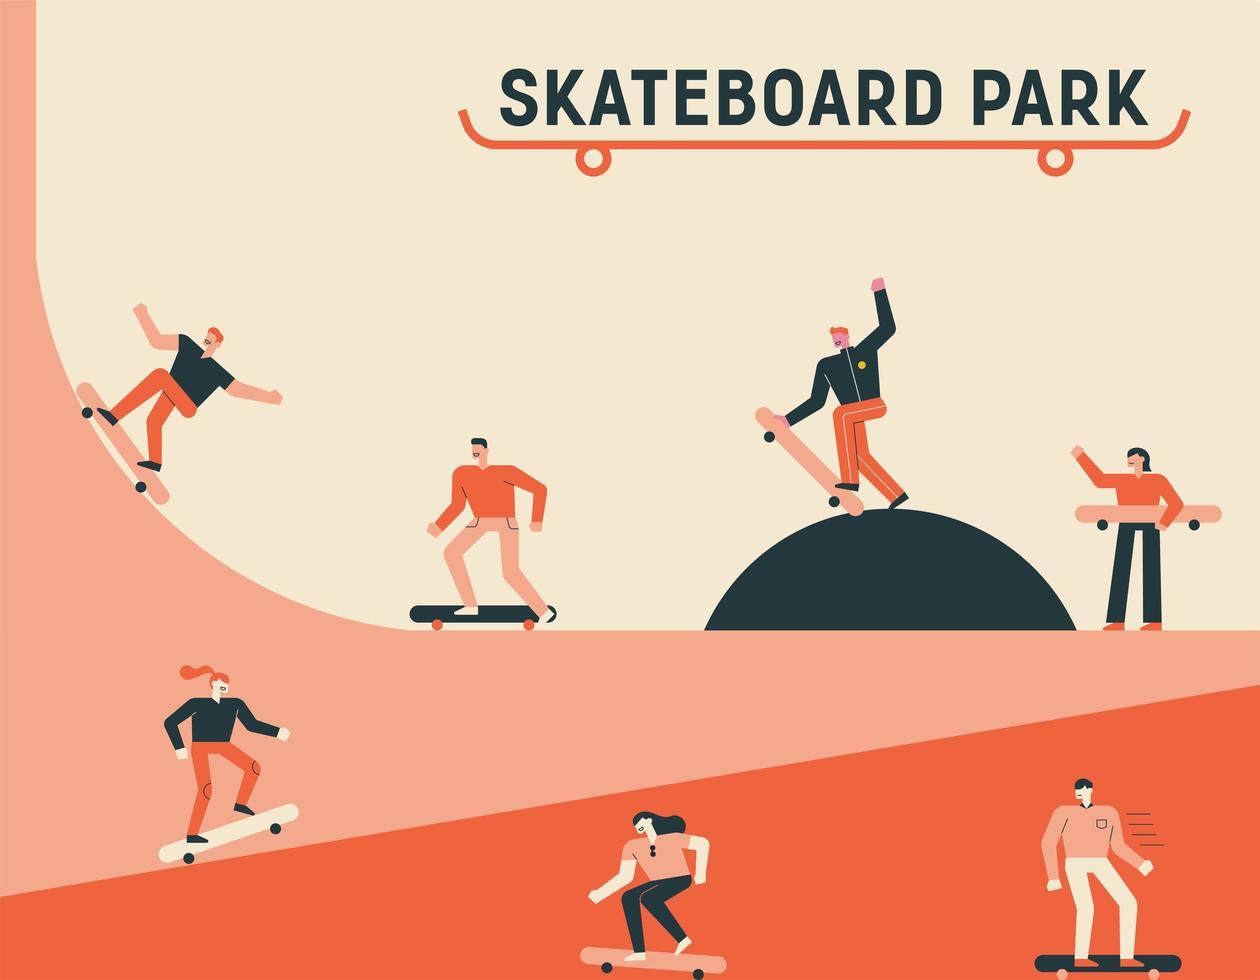 affiche de parc de skateboard vecteur